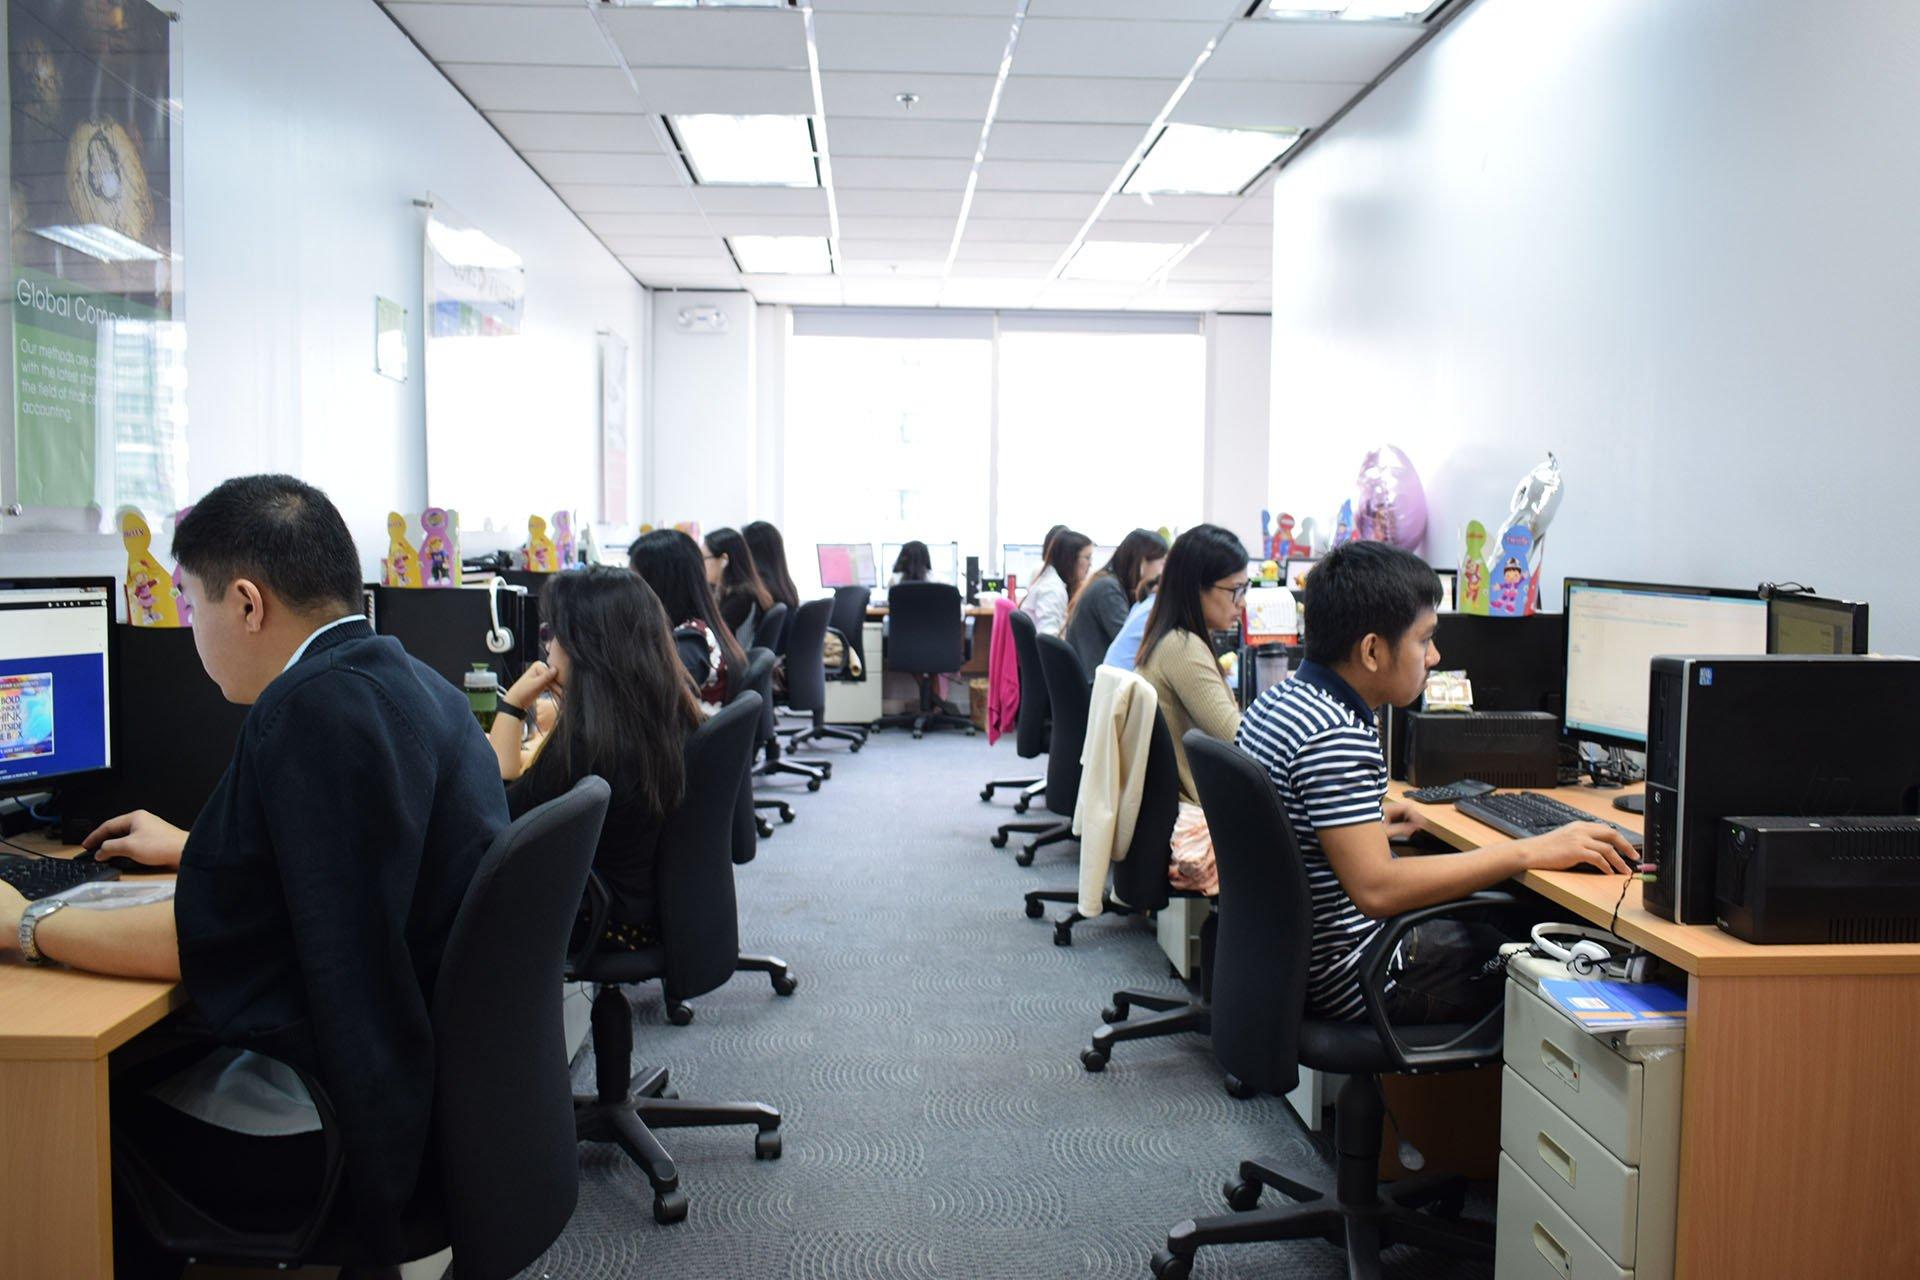 DV_Workspace-2-cmprsd